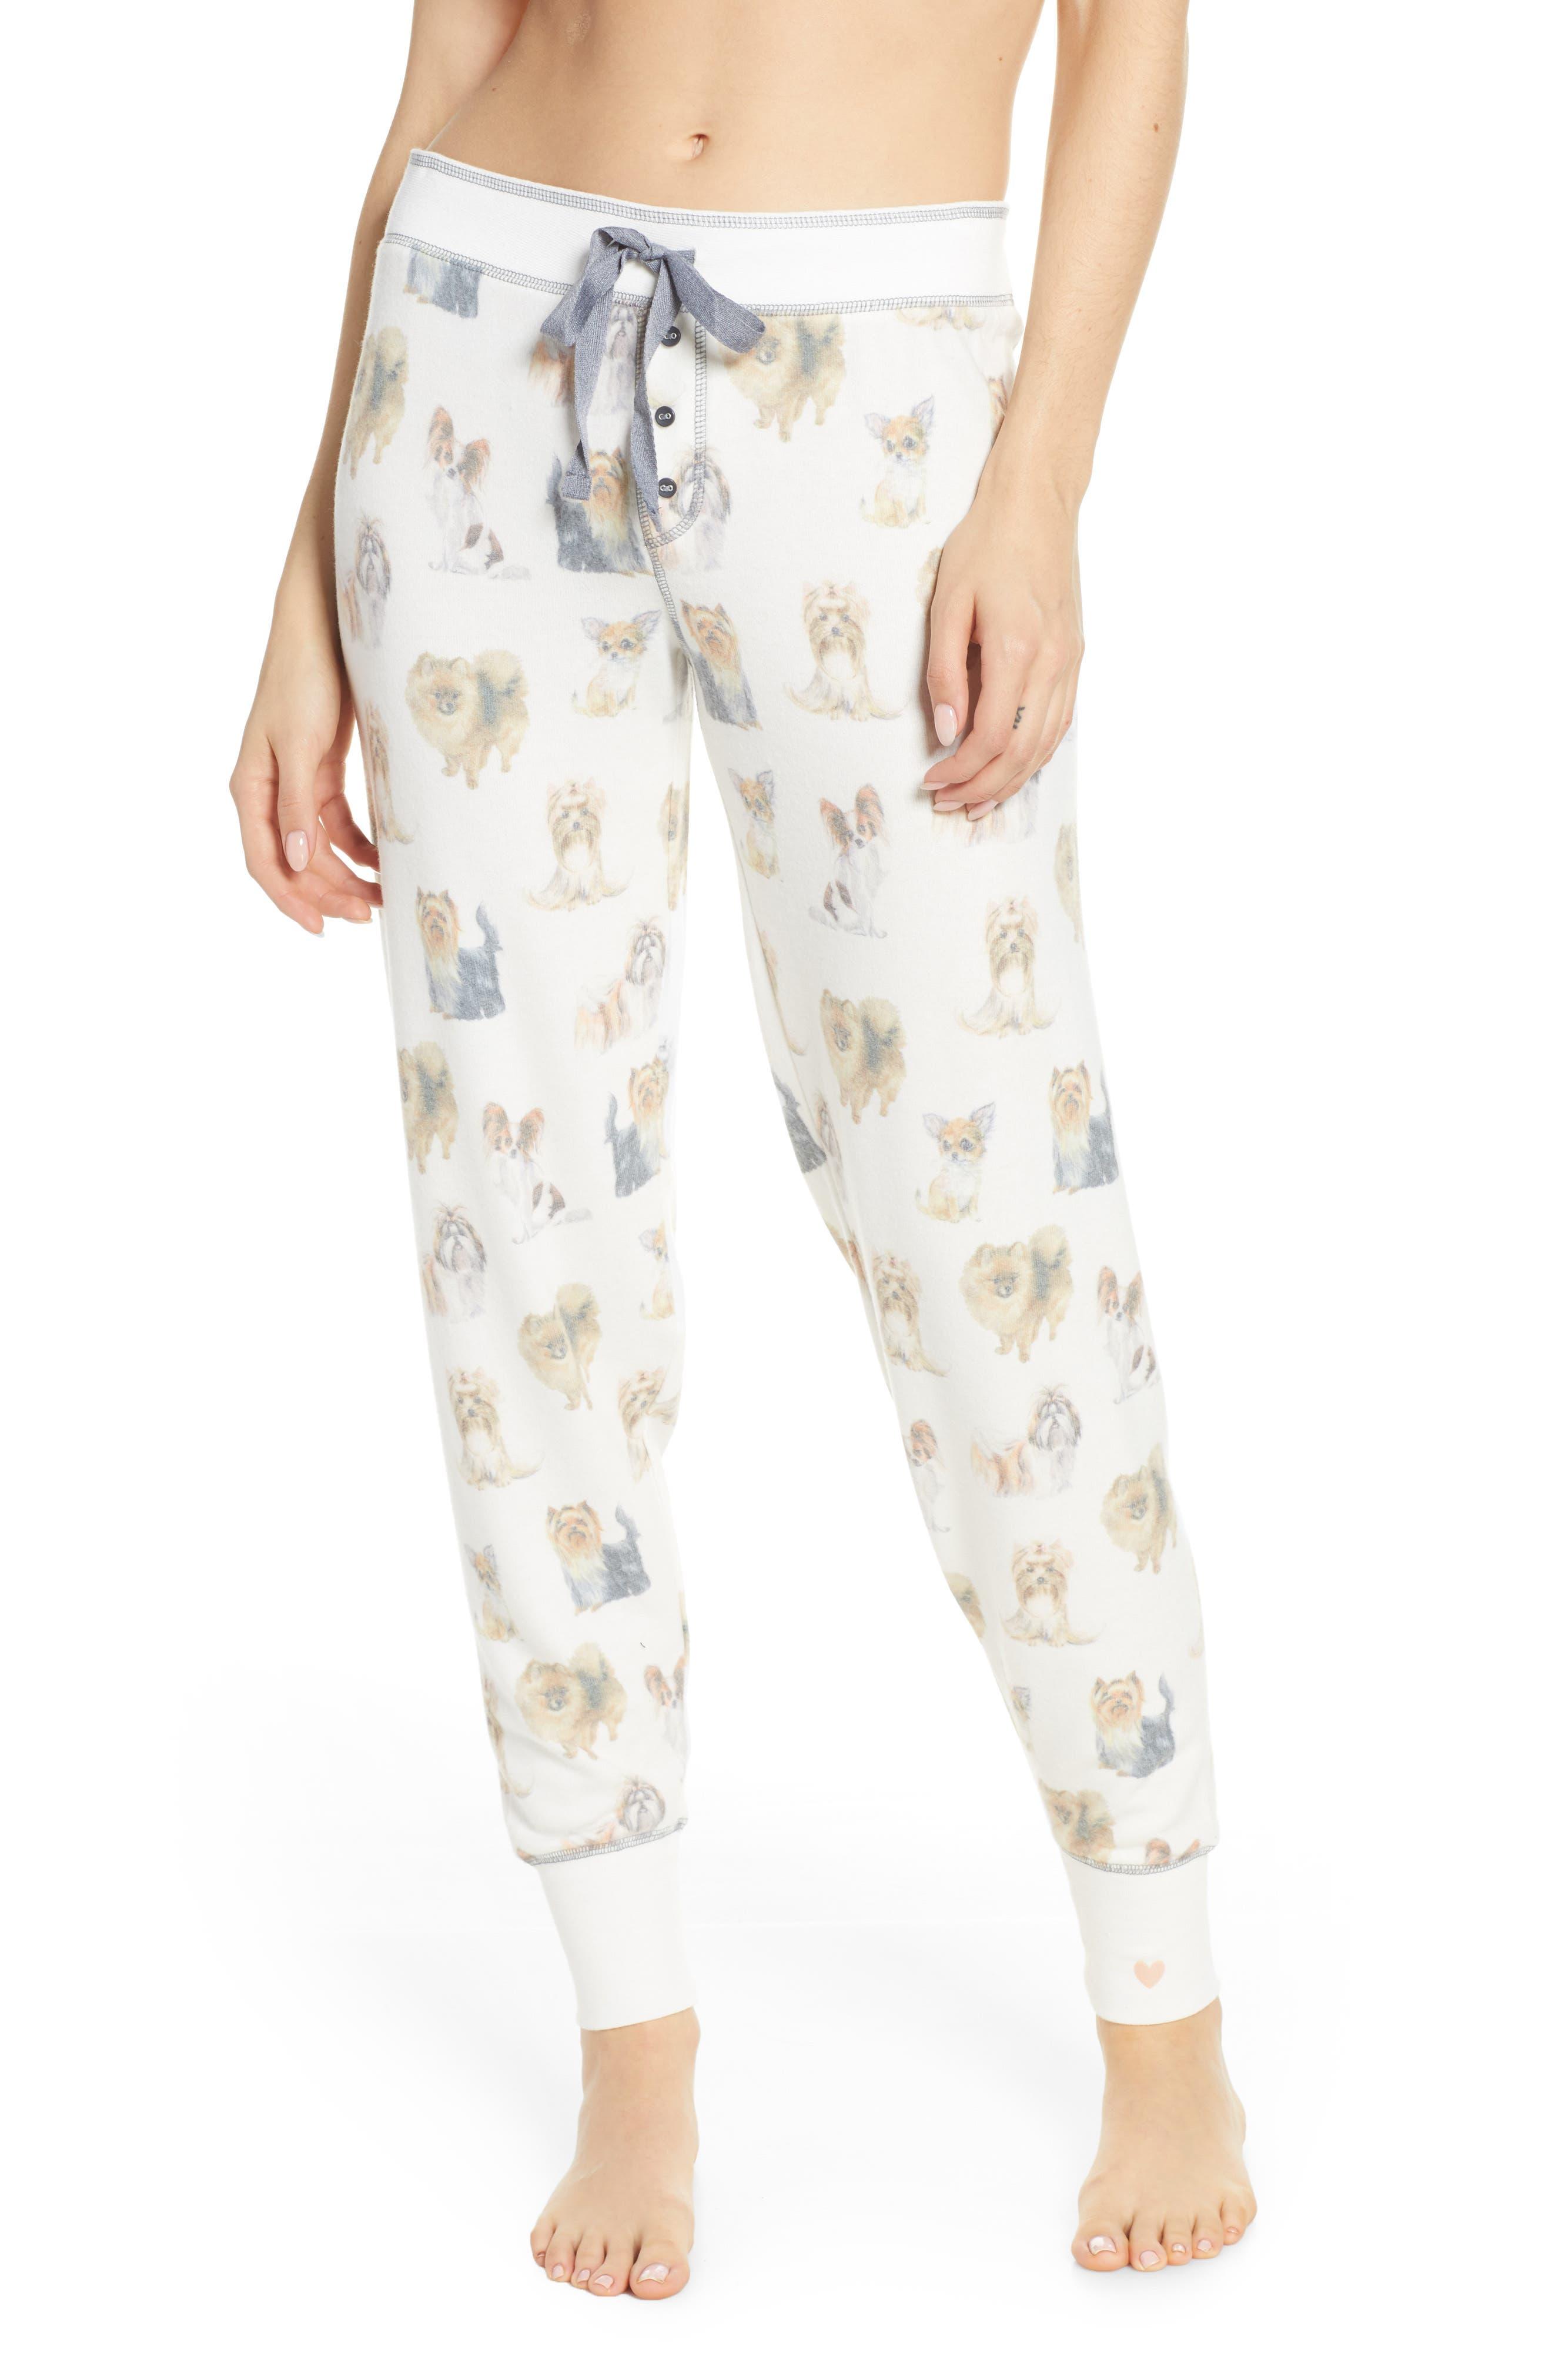 Plus Size Pj Salvage Dog Print Pajama Pants, Ivory